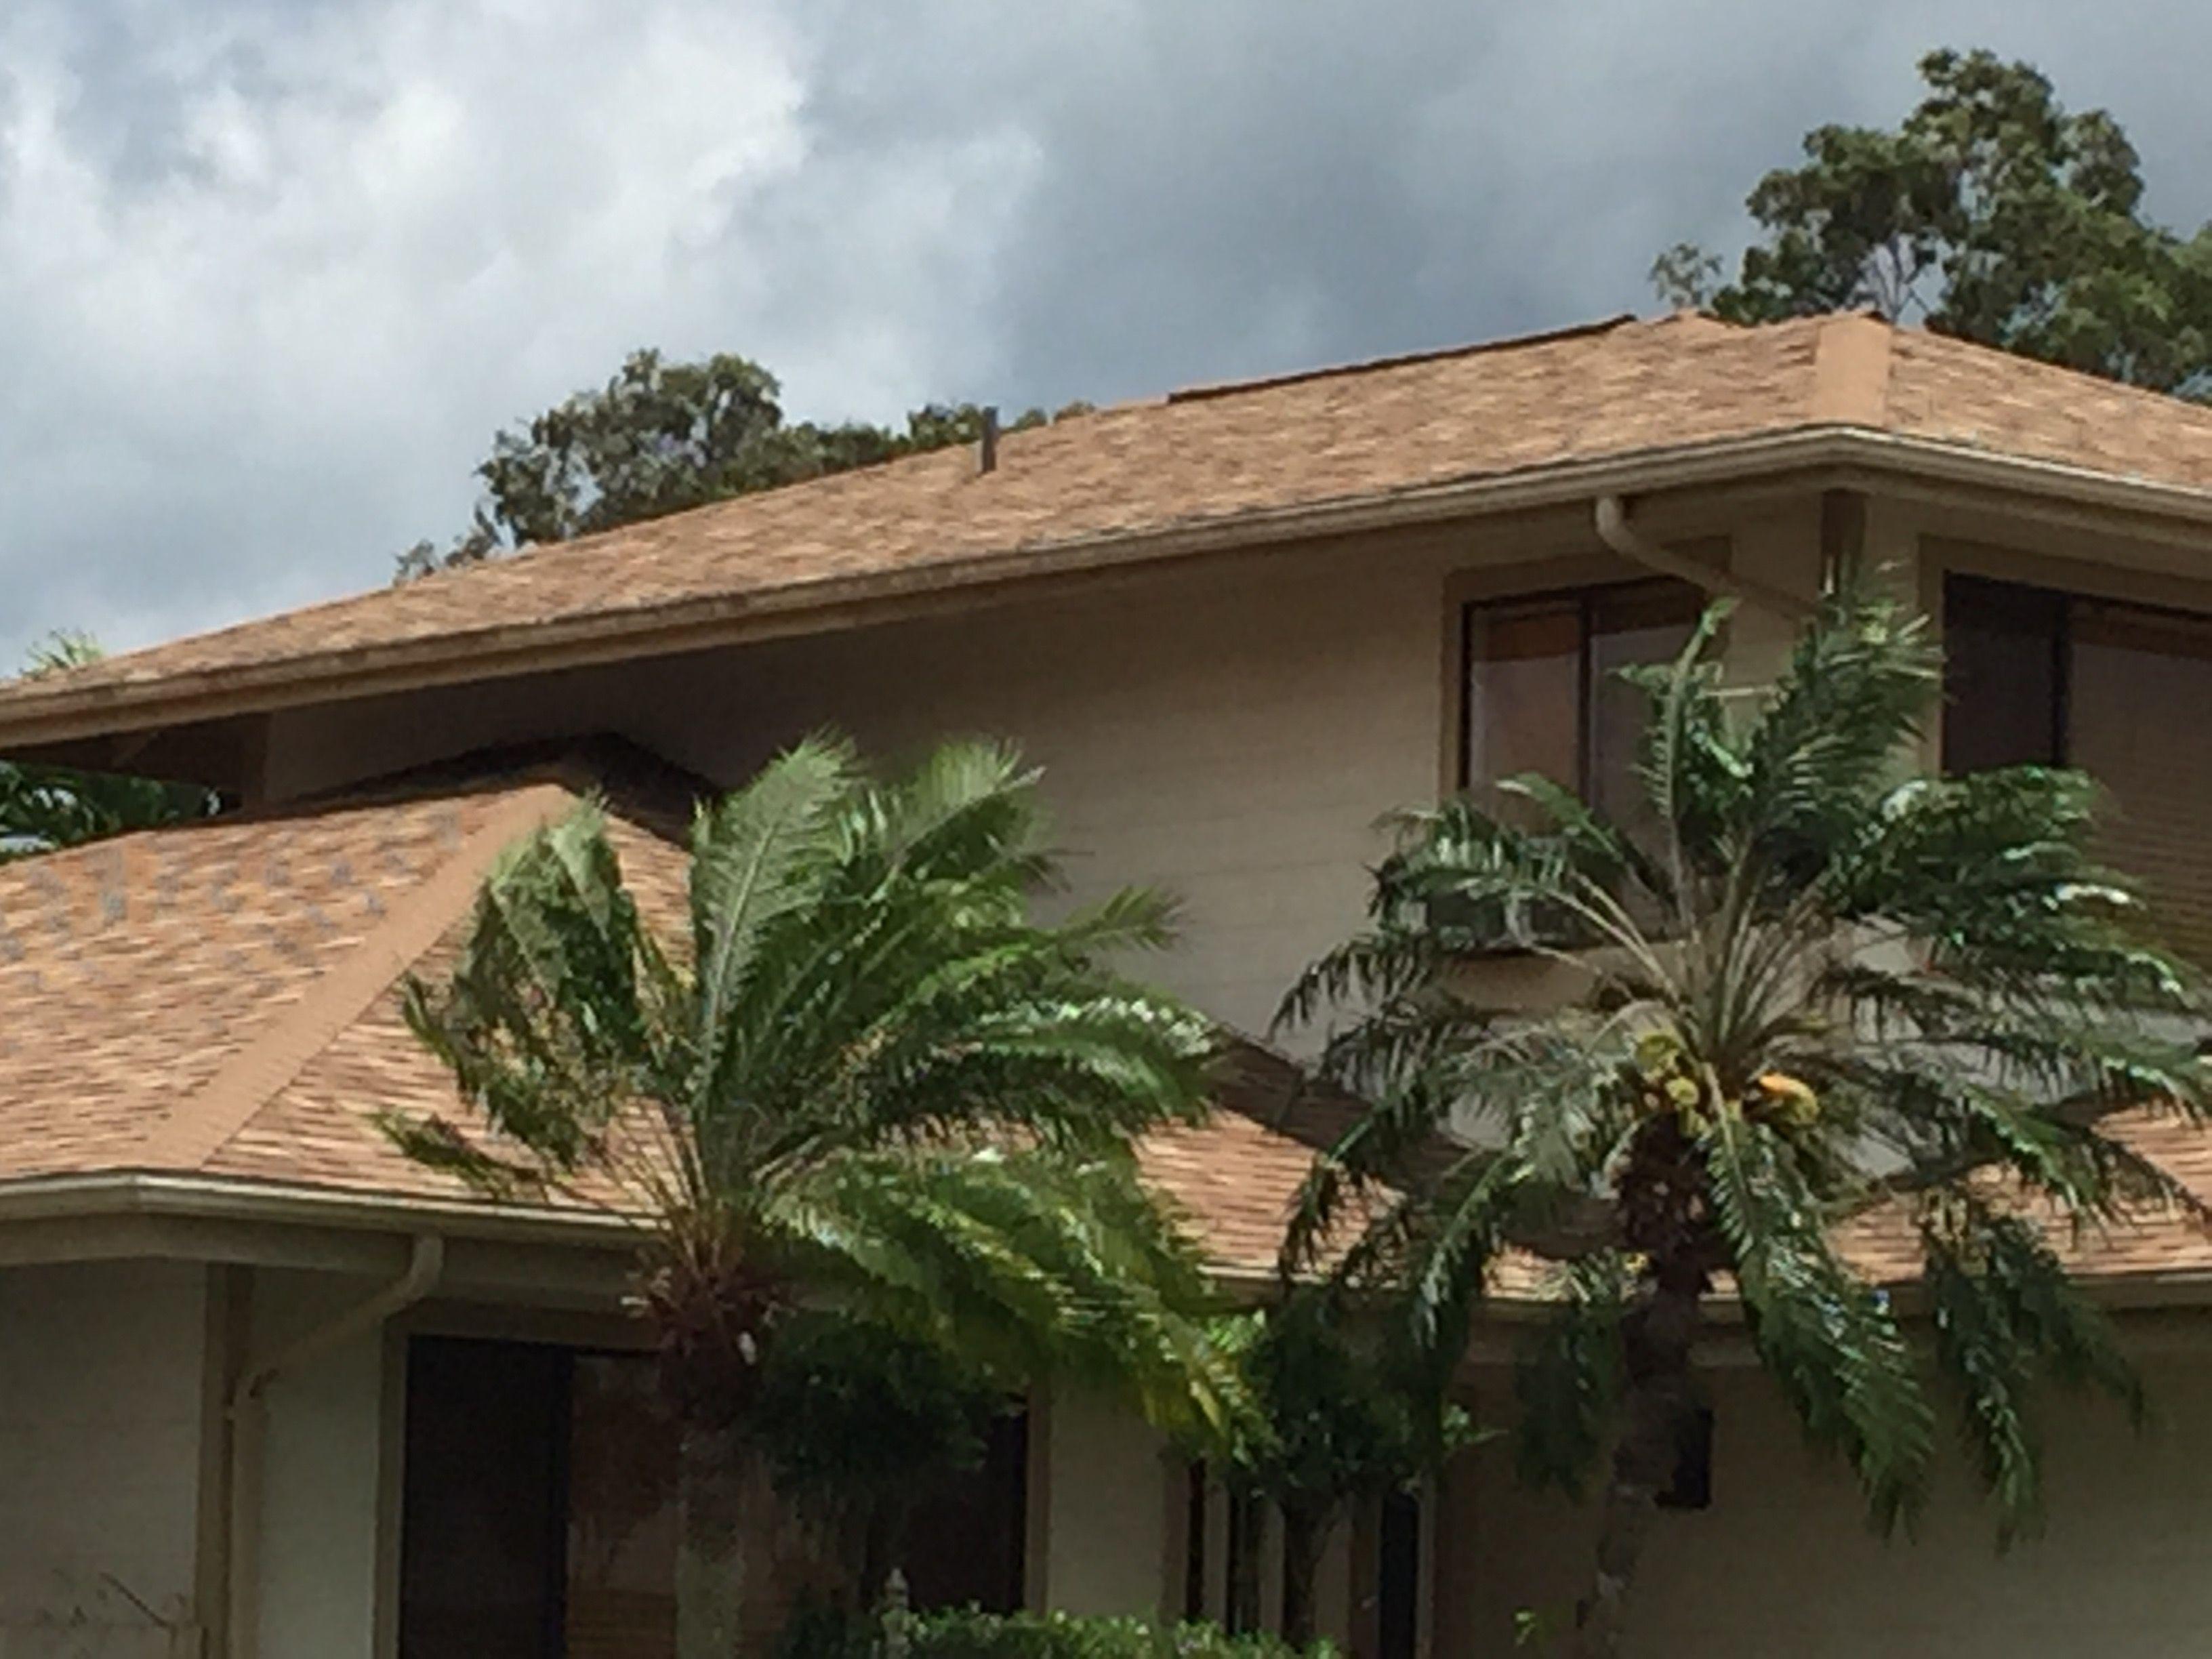 Best Malarkey Sienna Blend Asphalt Roof Shingles Residential Roofing Roof Shingles 400 x 300